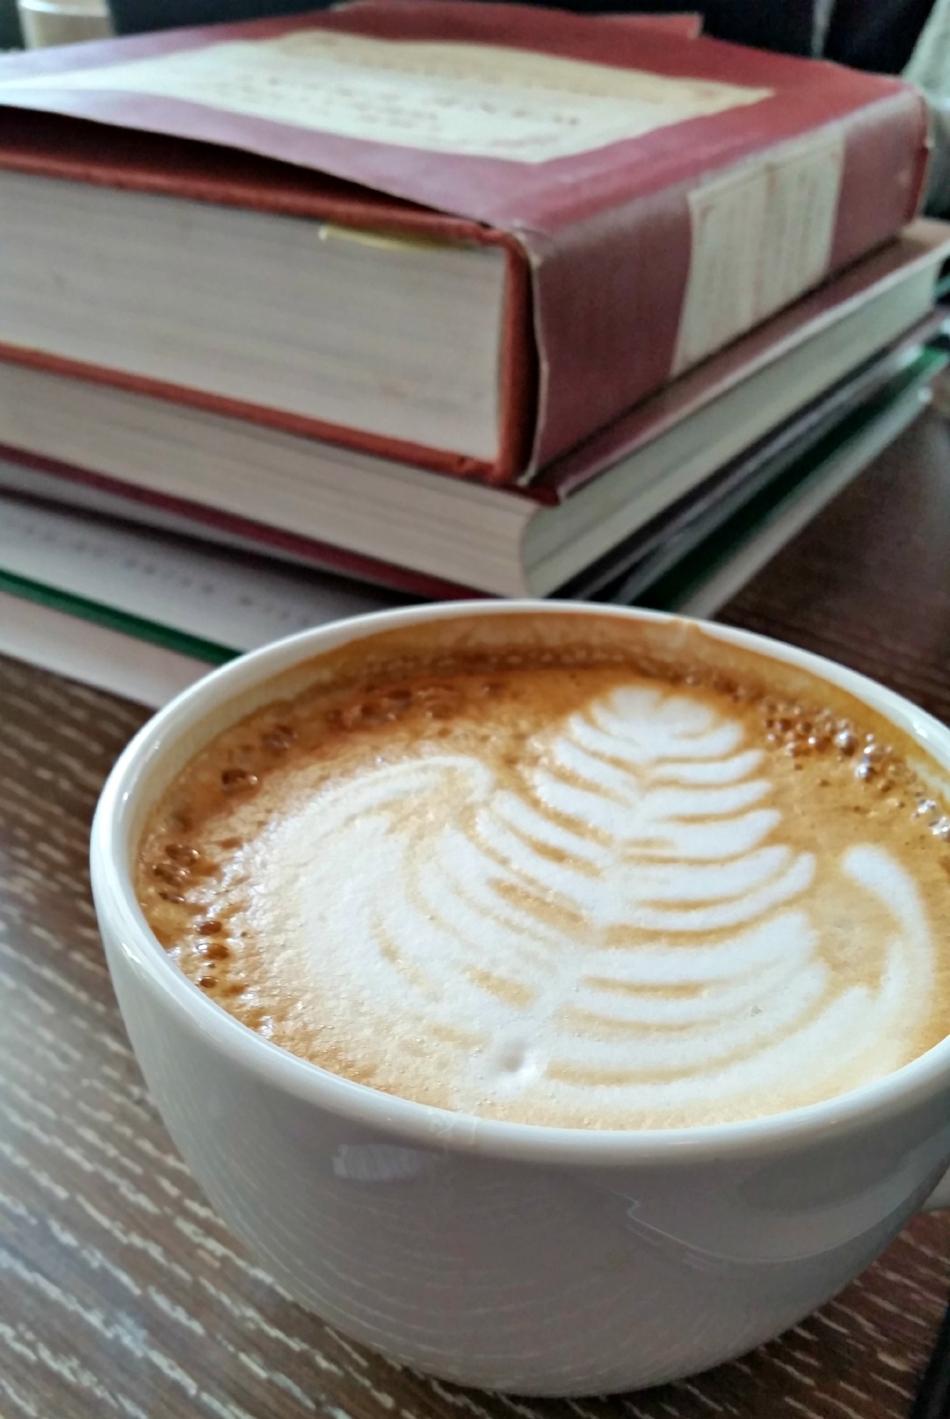 Cappuccino at Two Zero Three